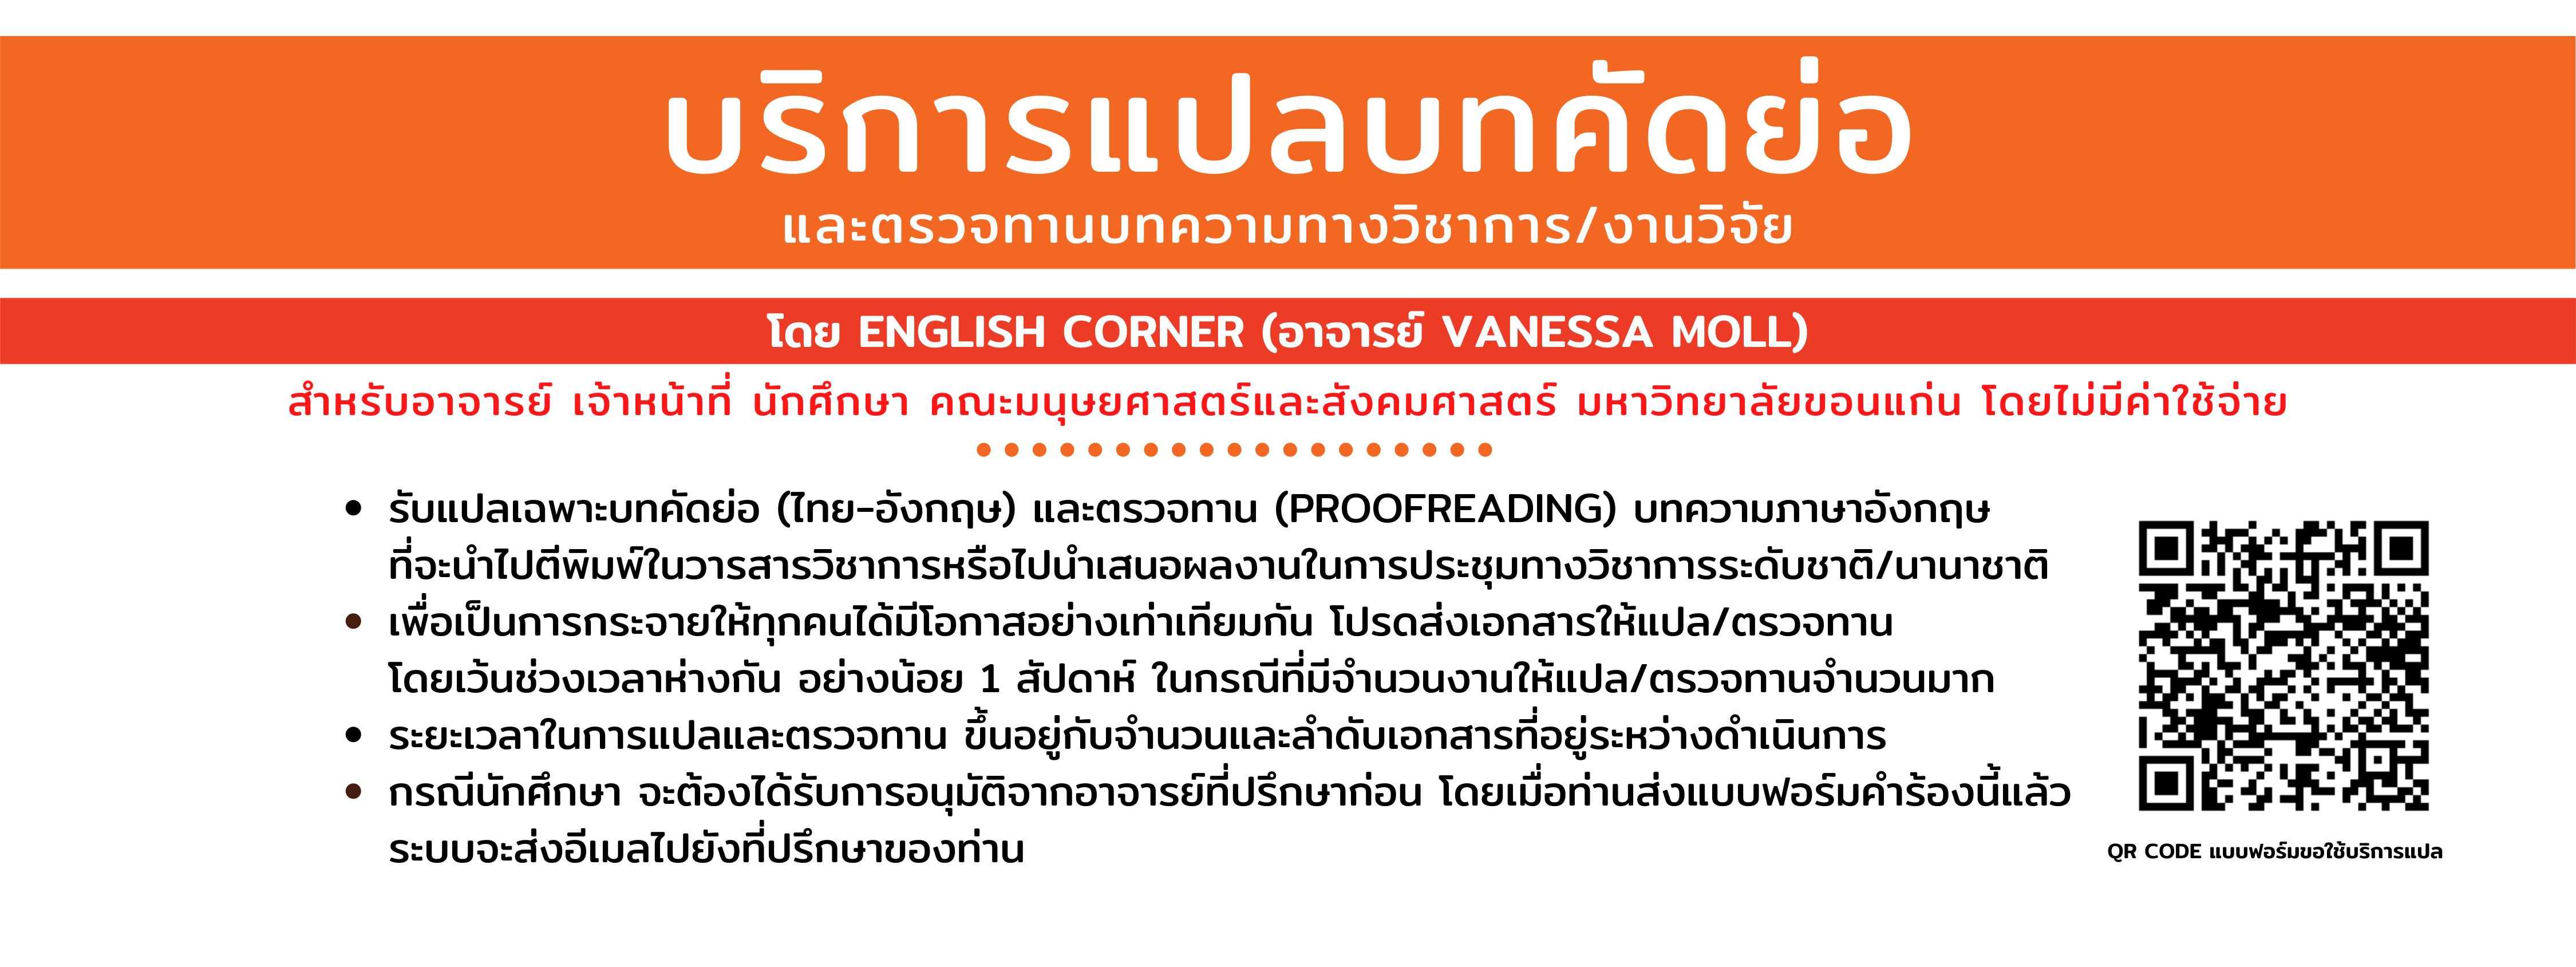 บริการแปลบทคัดย่อ (ไทย-อังกฤษ) และตรวจทานบทความภาษาอังกฤษโดย English Corner